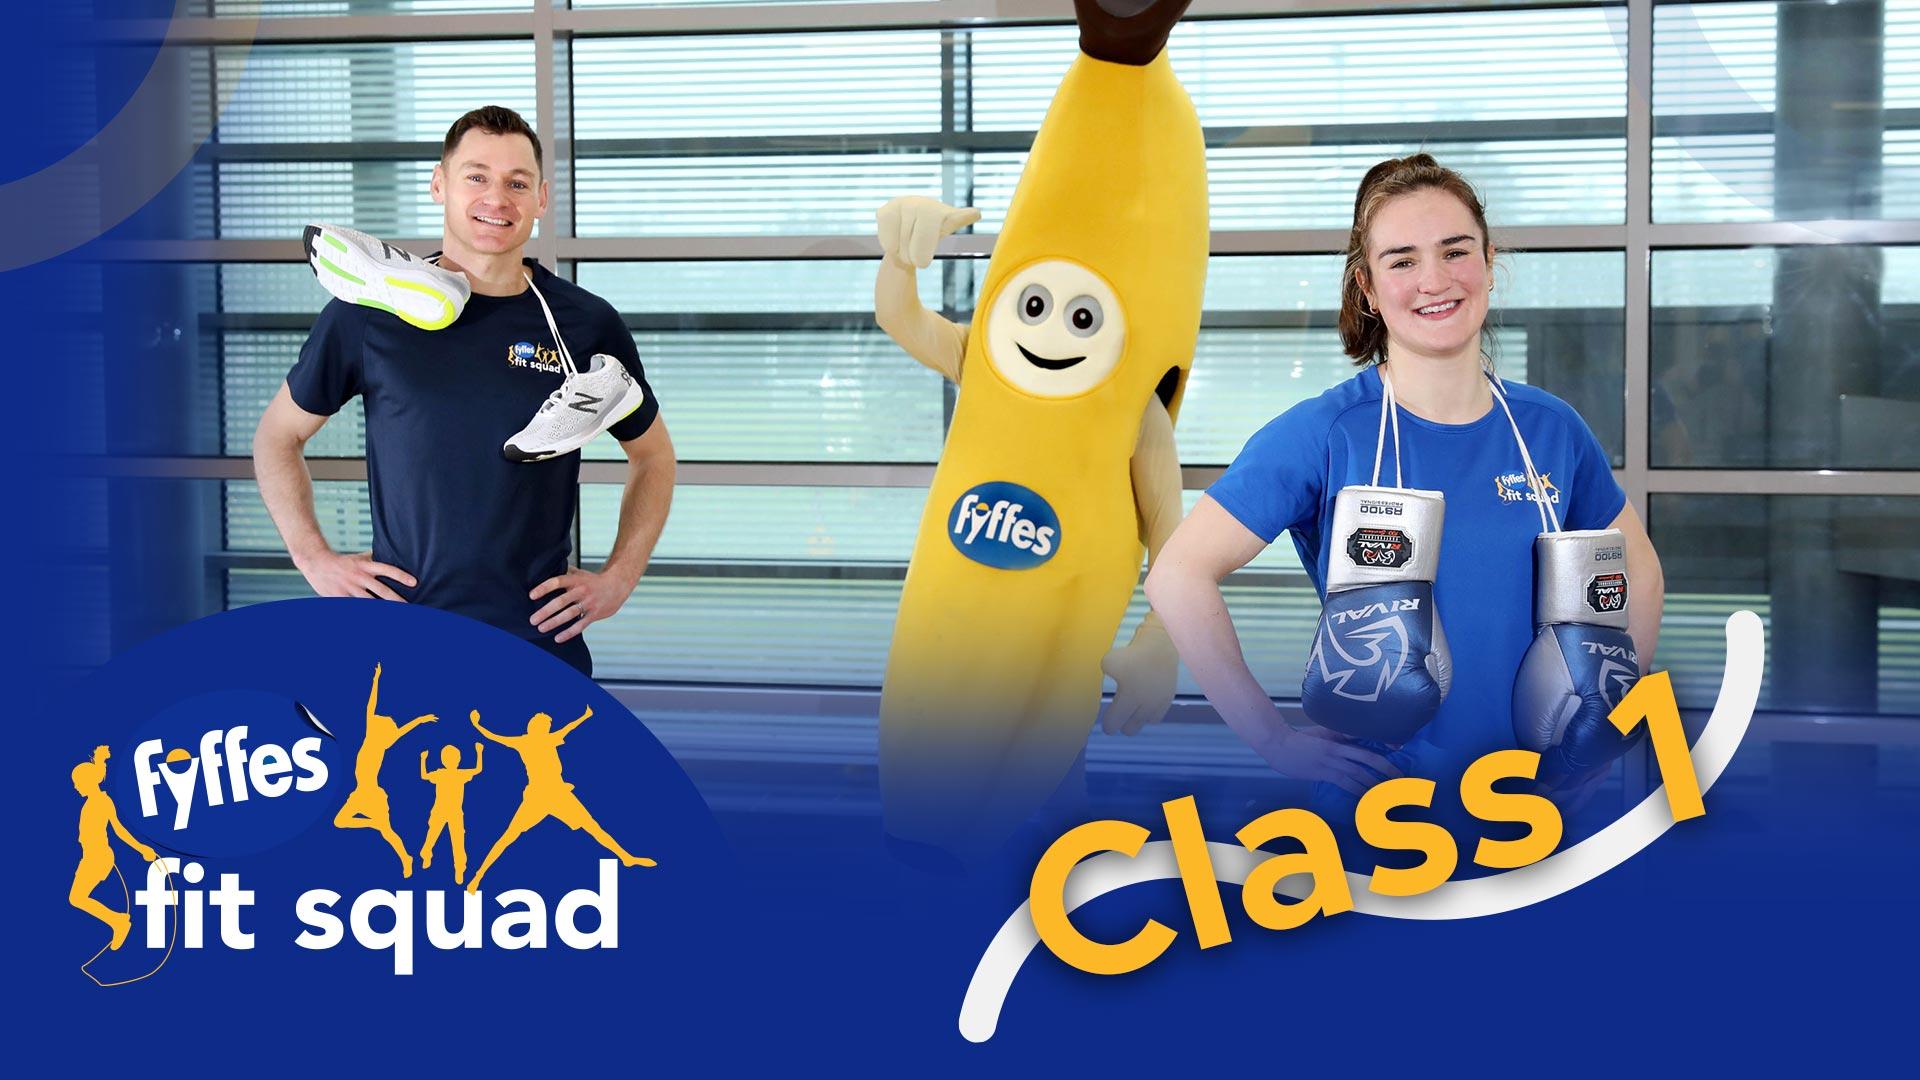 Fyffes Fit Squad Class 1